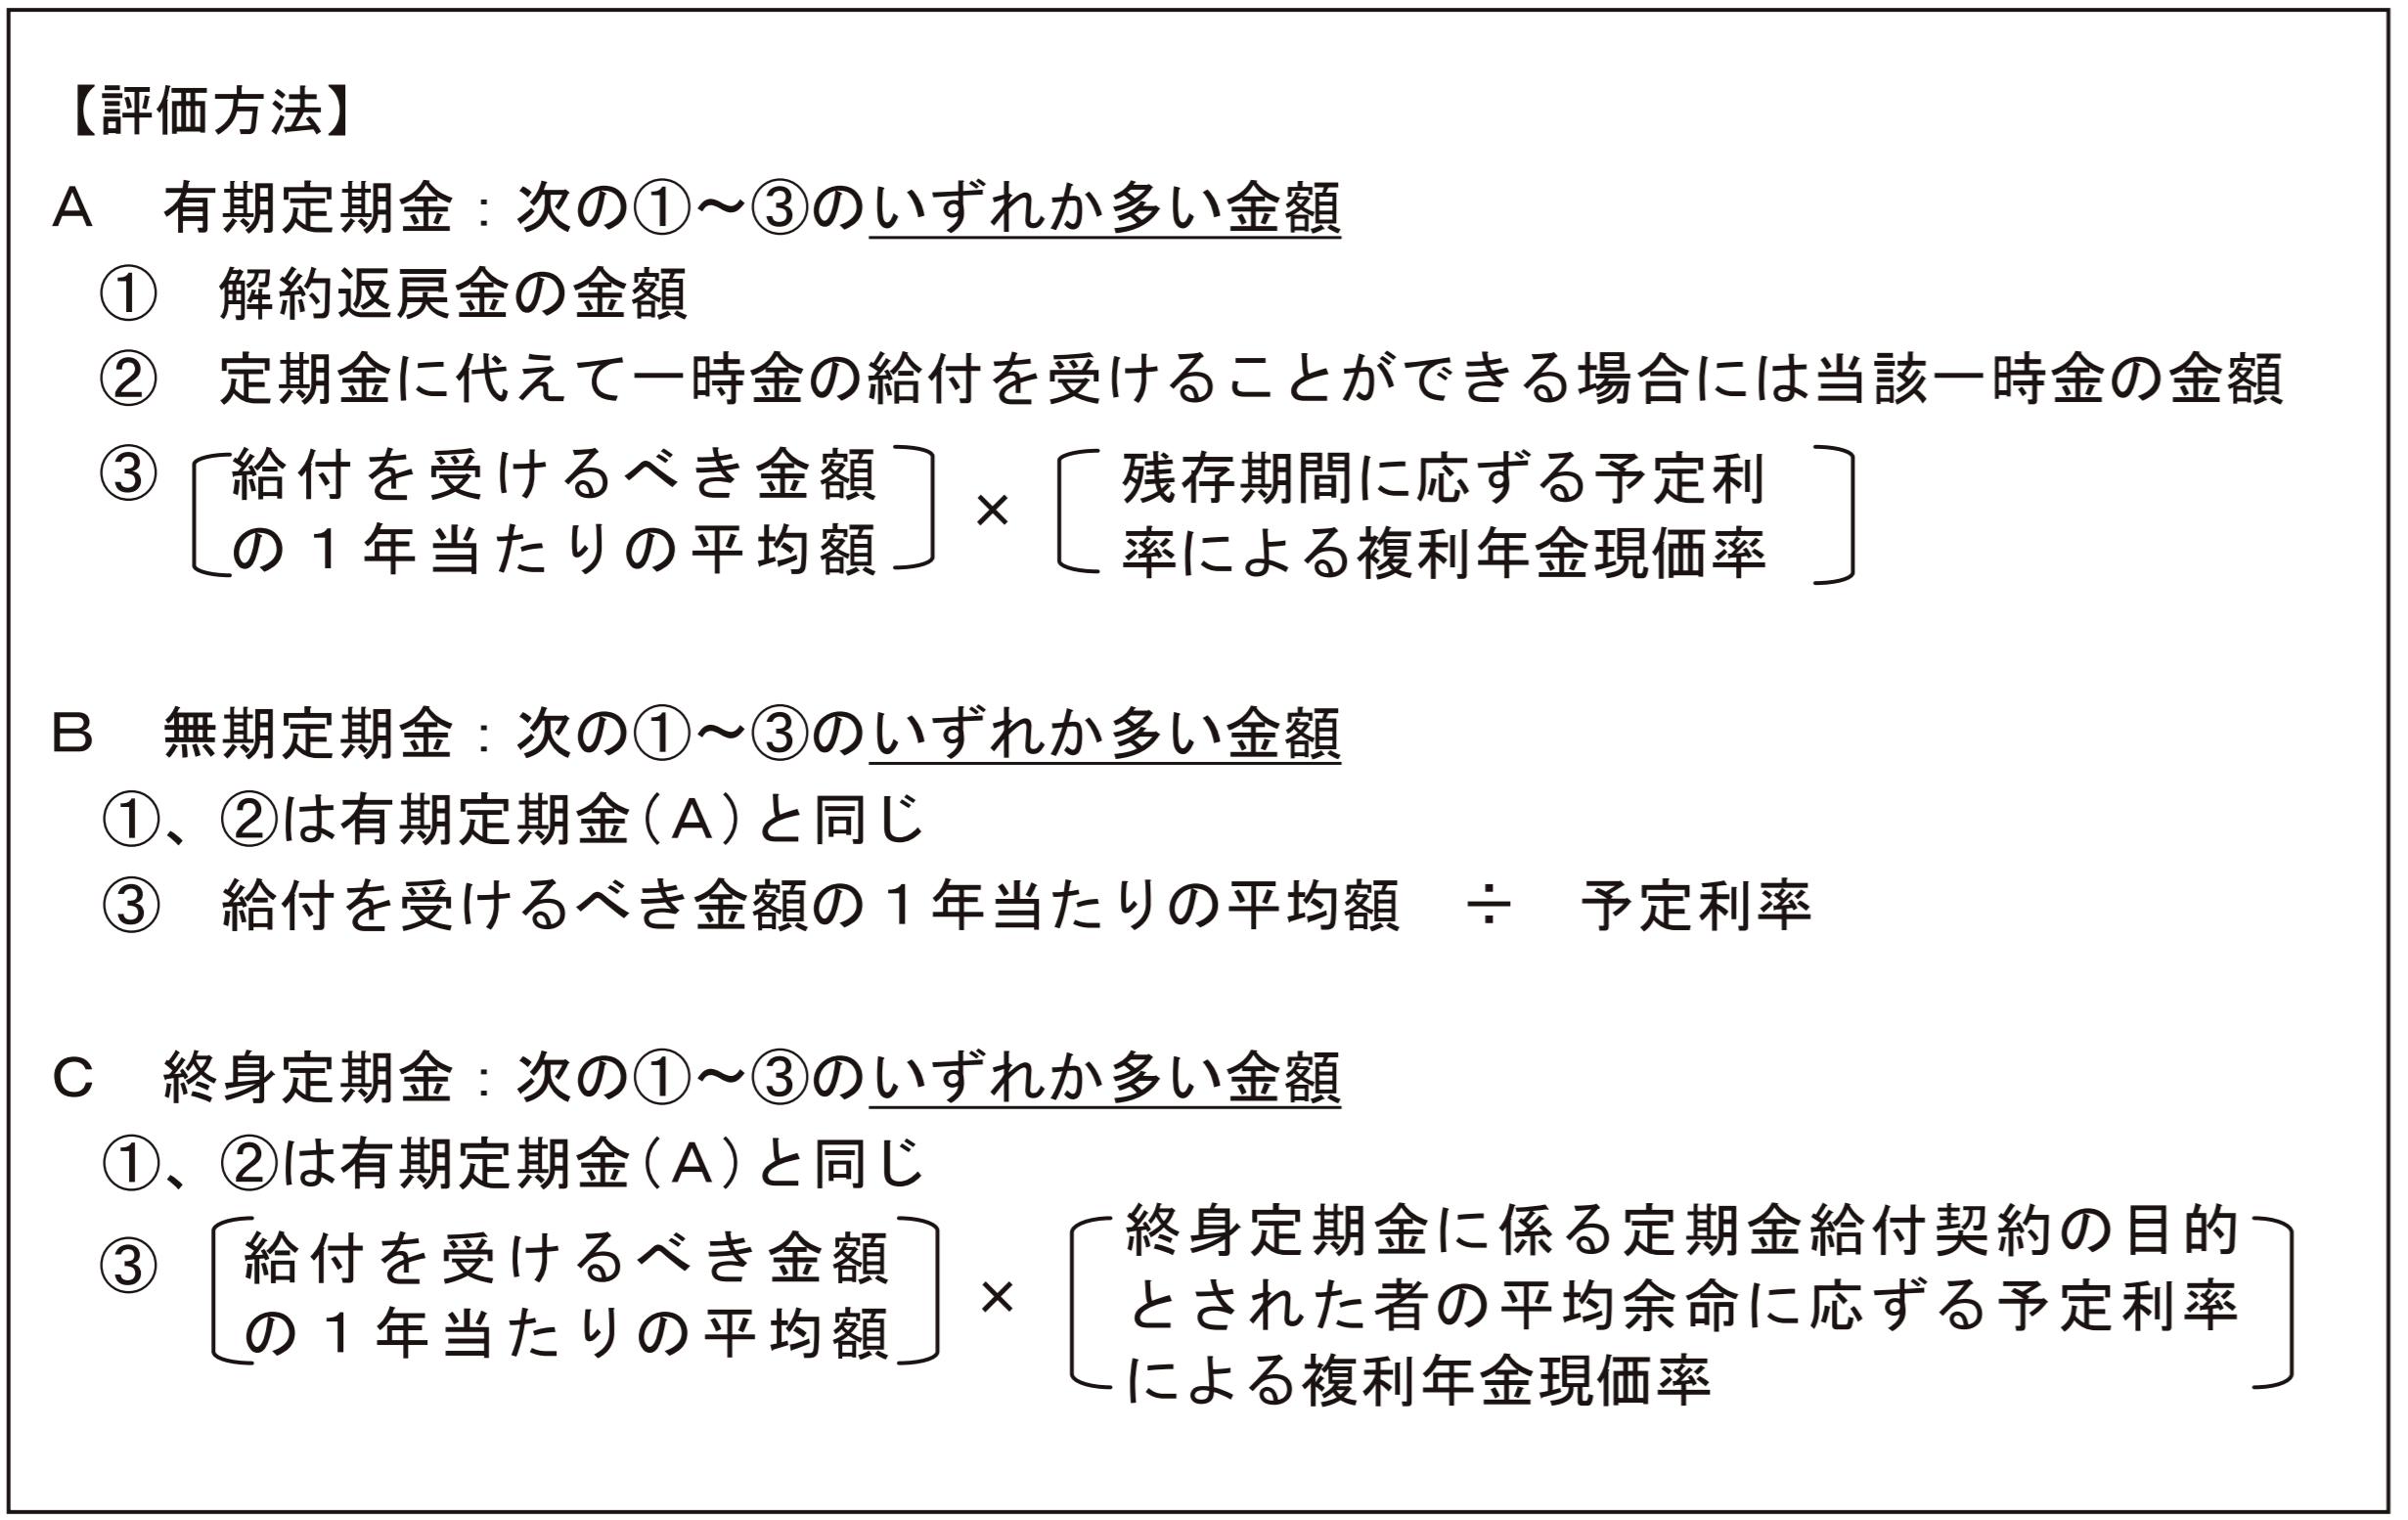 国税庁HP定期金評価